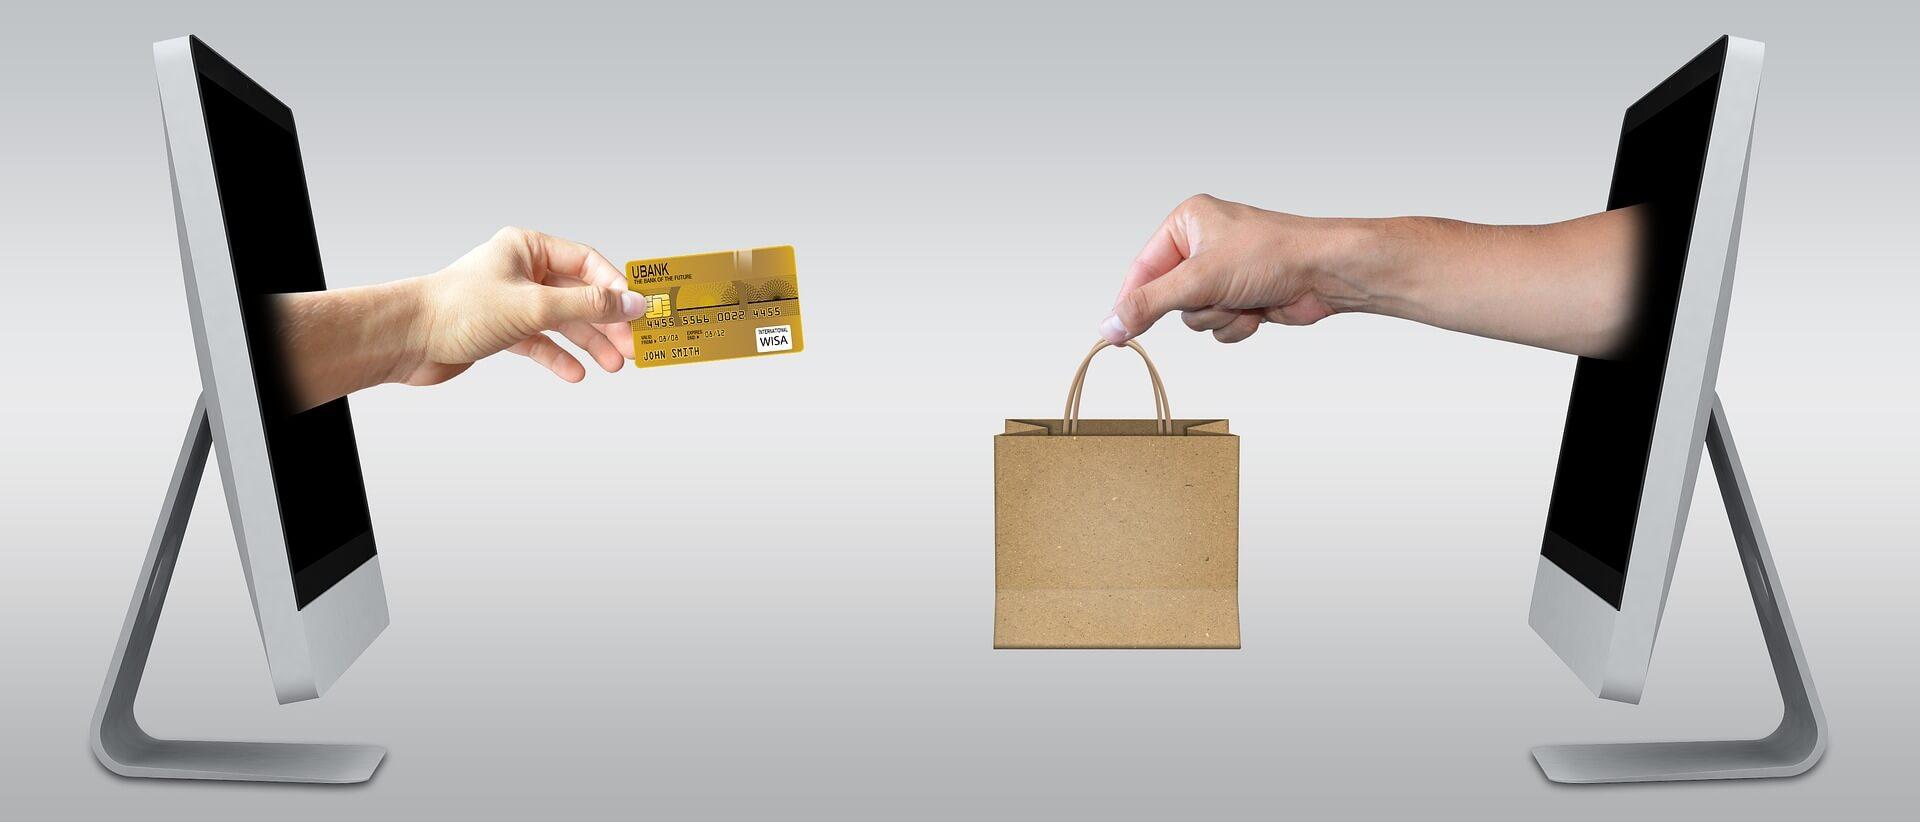 6 pasos que debes seguir para montar una tienda online con WooCommerce